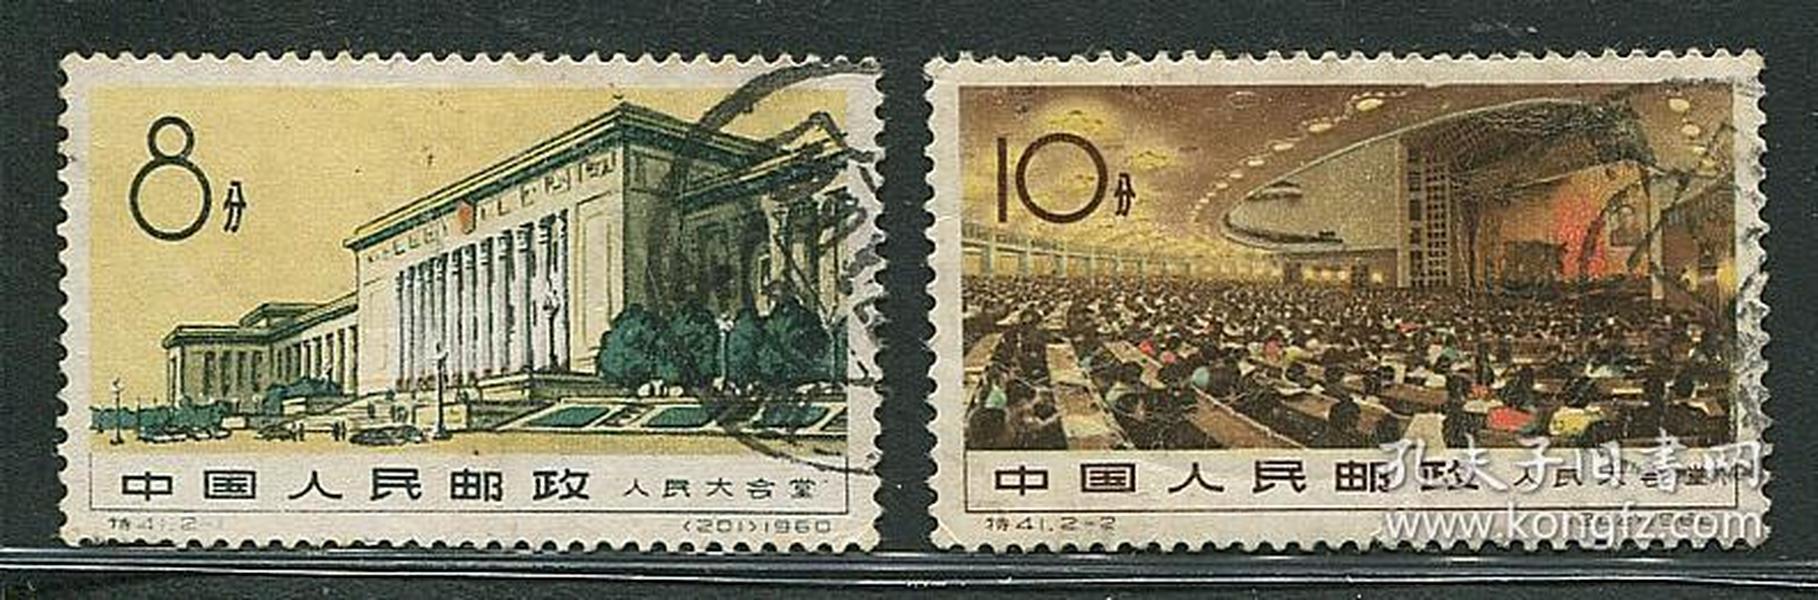 特41大会堂信销邮票套票